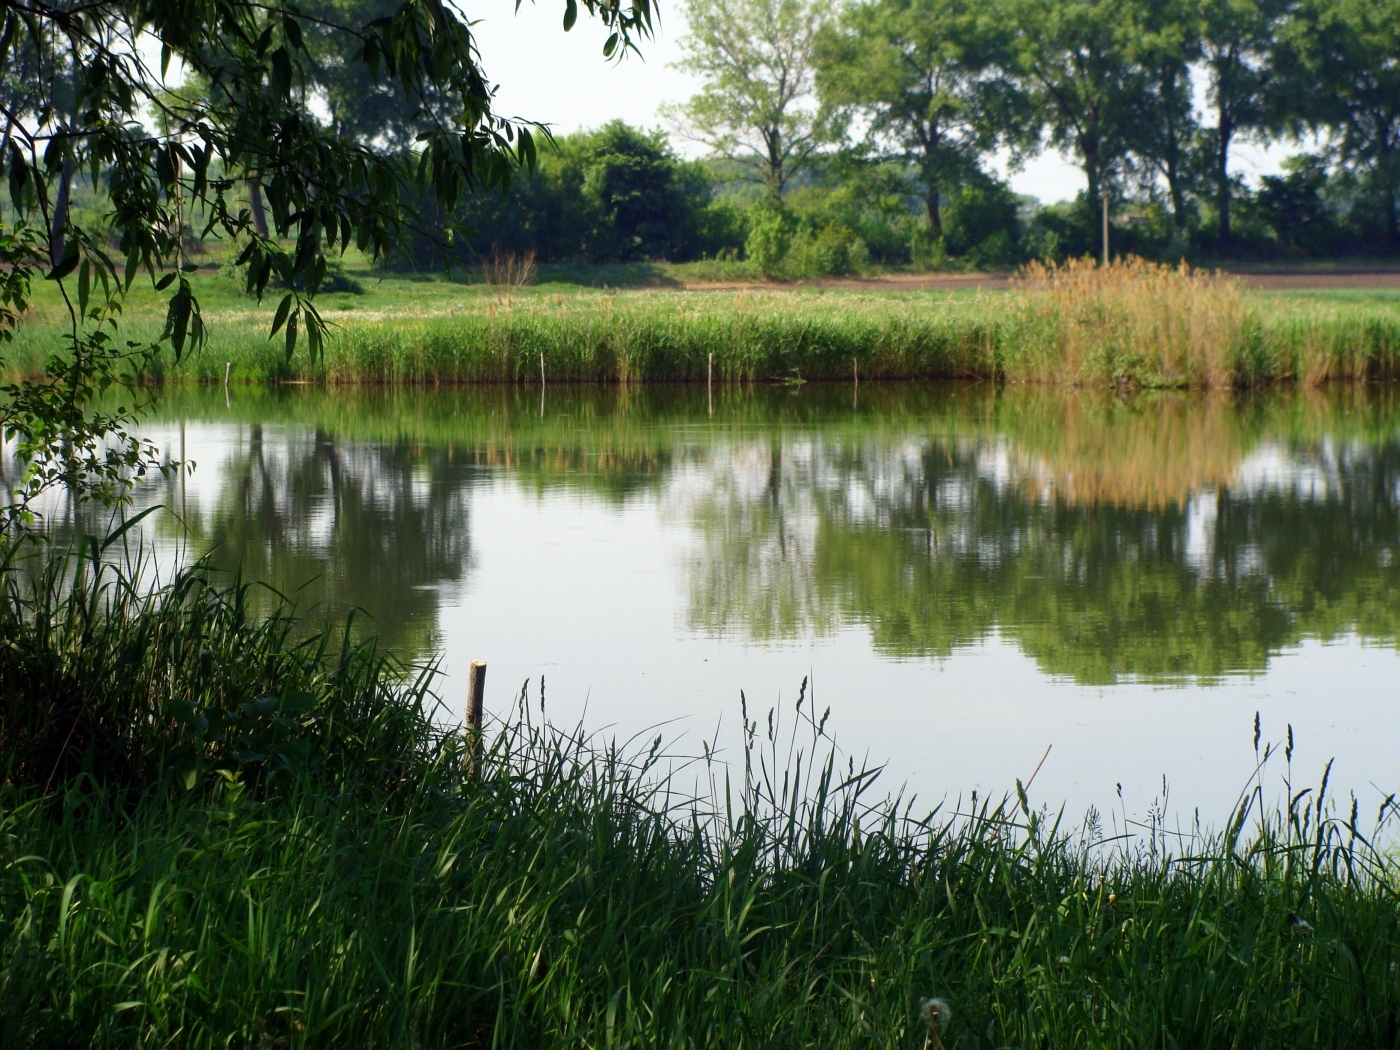 25086 скачать обои Пейзаж, Река, Трава - заставки и картинки бесплатно